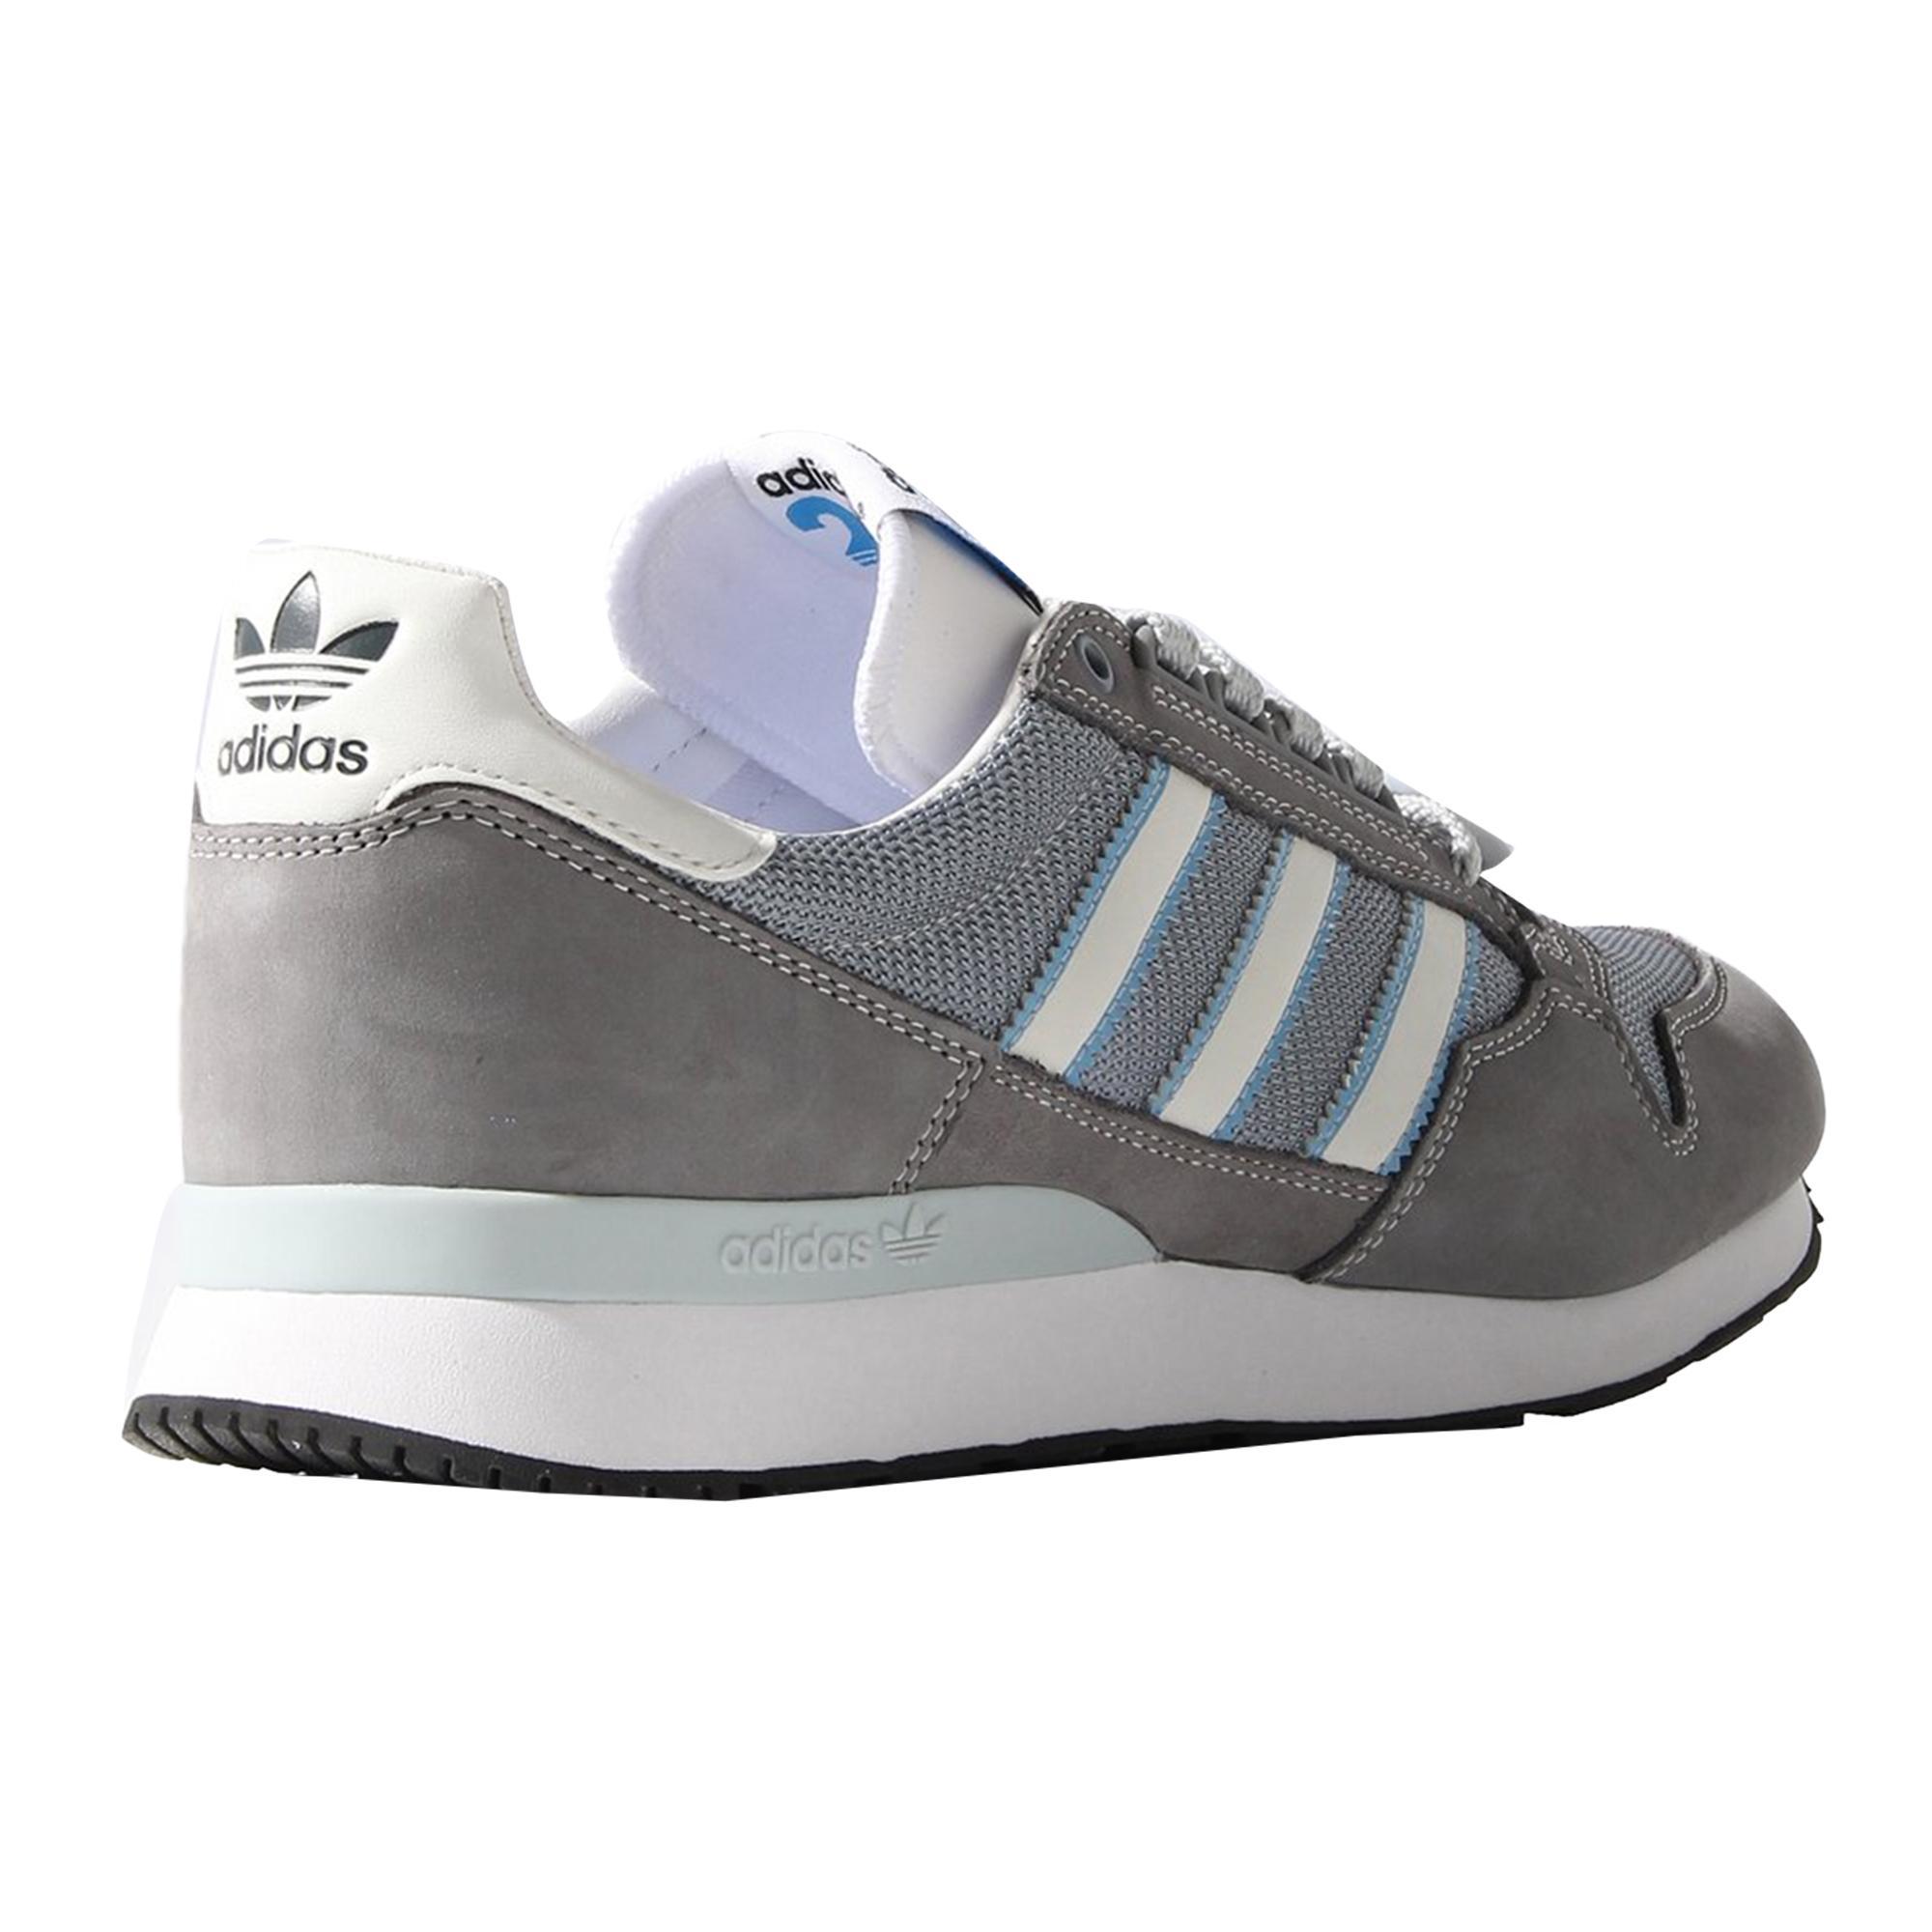 b5d5787ed67f9 ... coupon code for adidas zx 500 ox nigo casual erkek spor ayakkab d83a8  05991